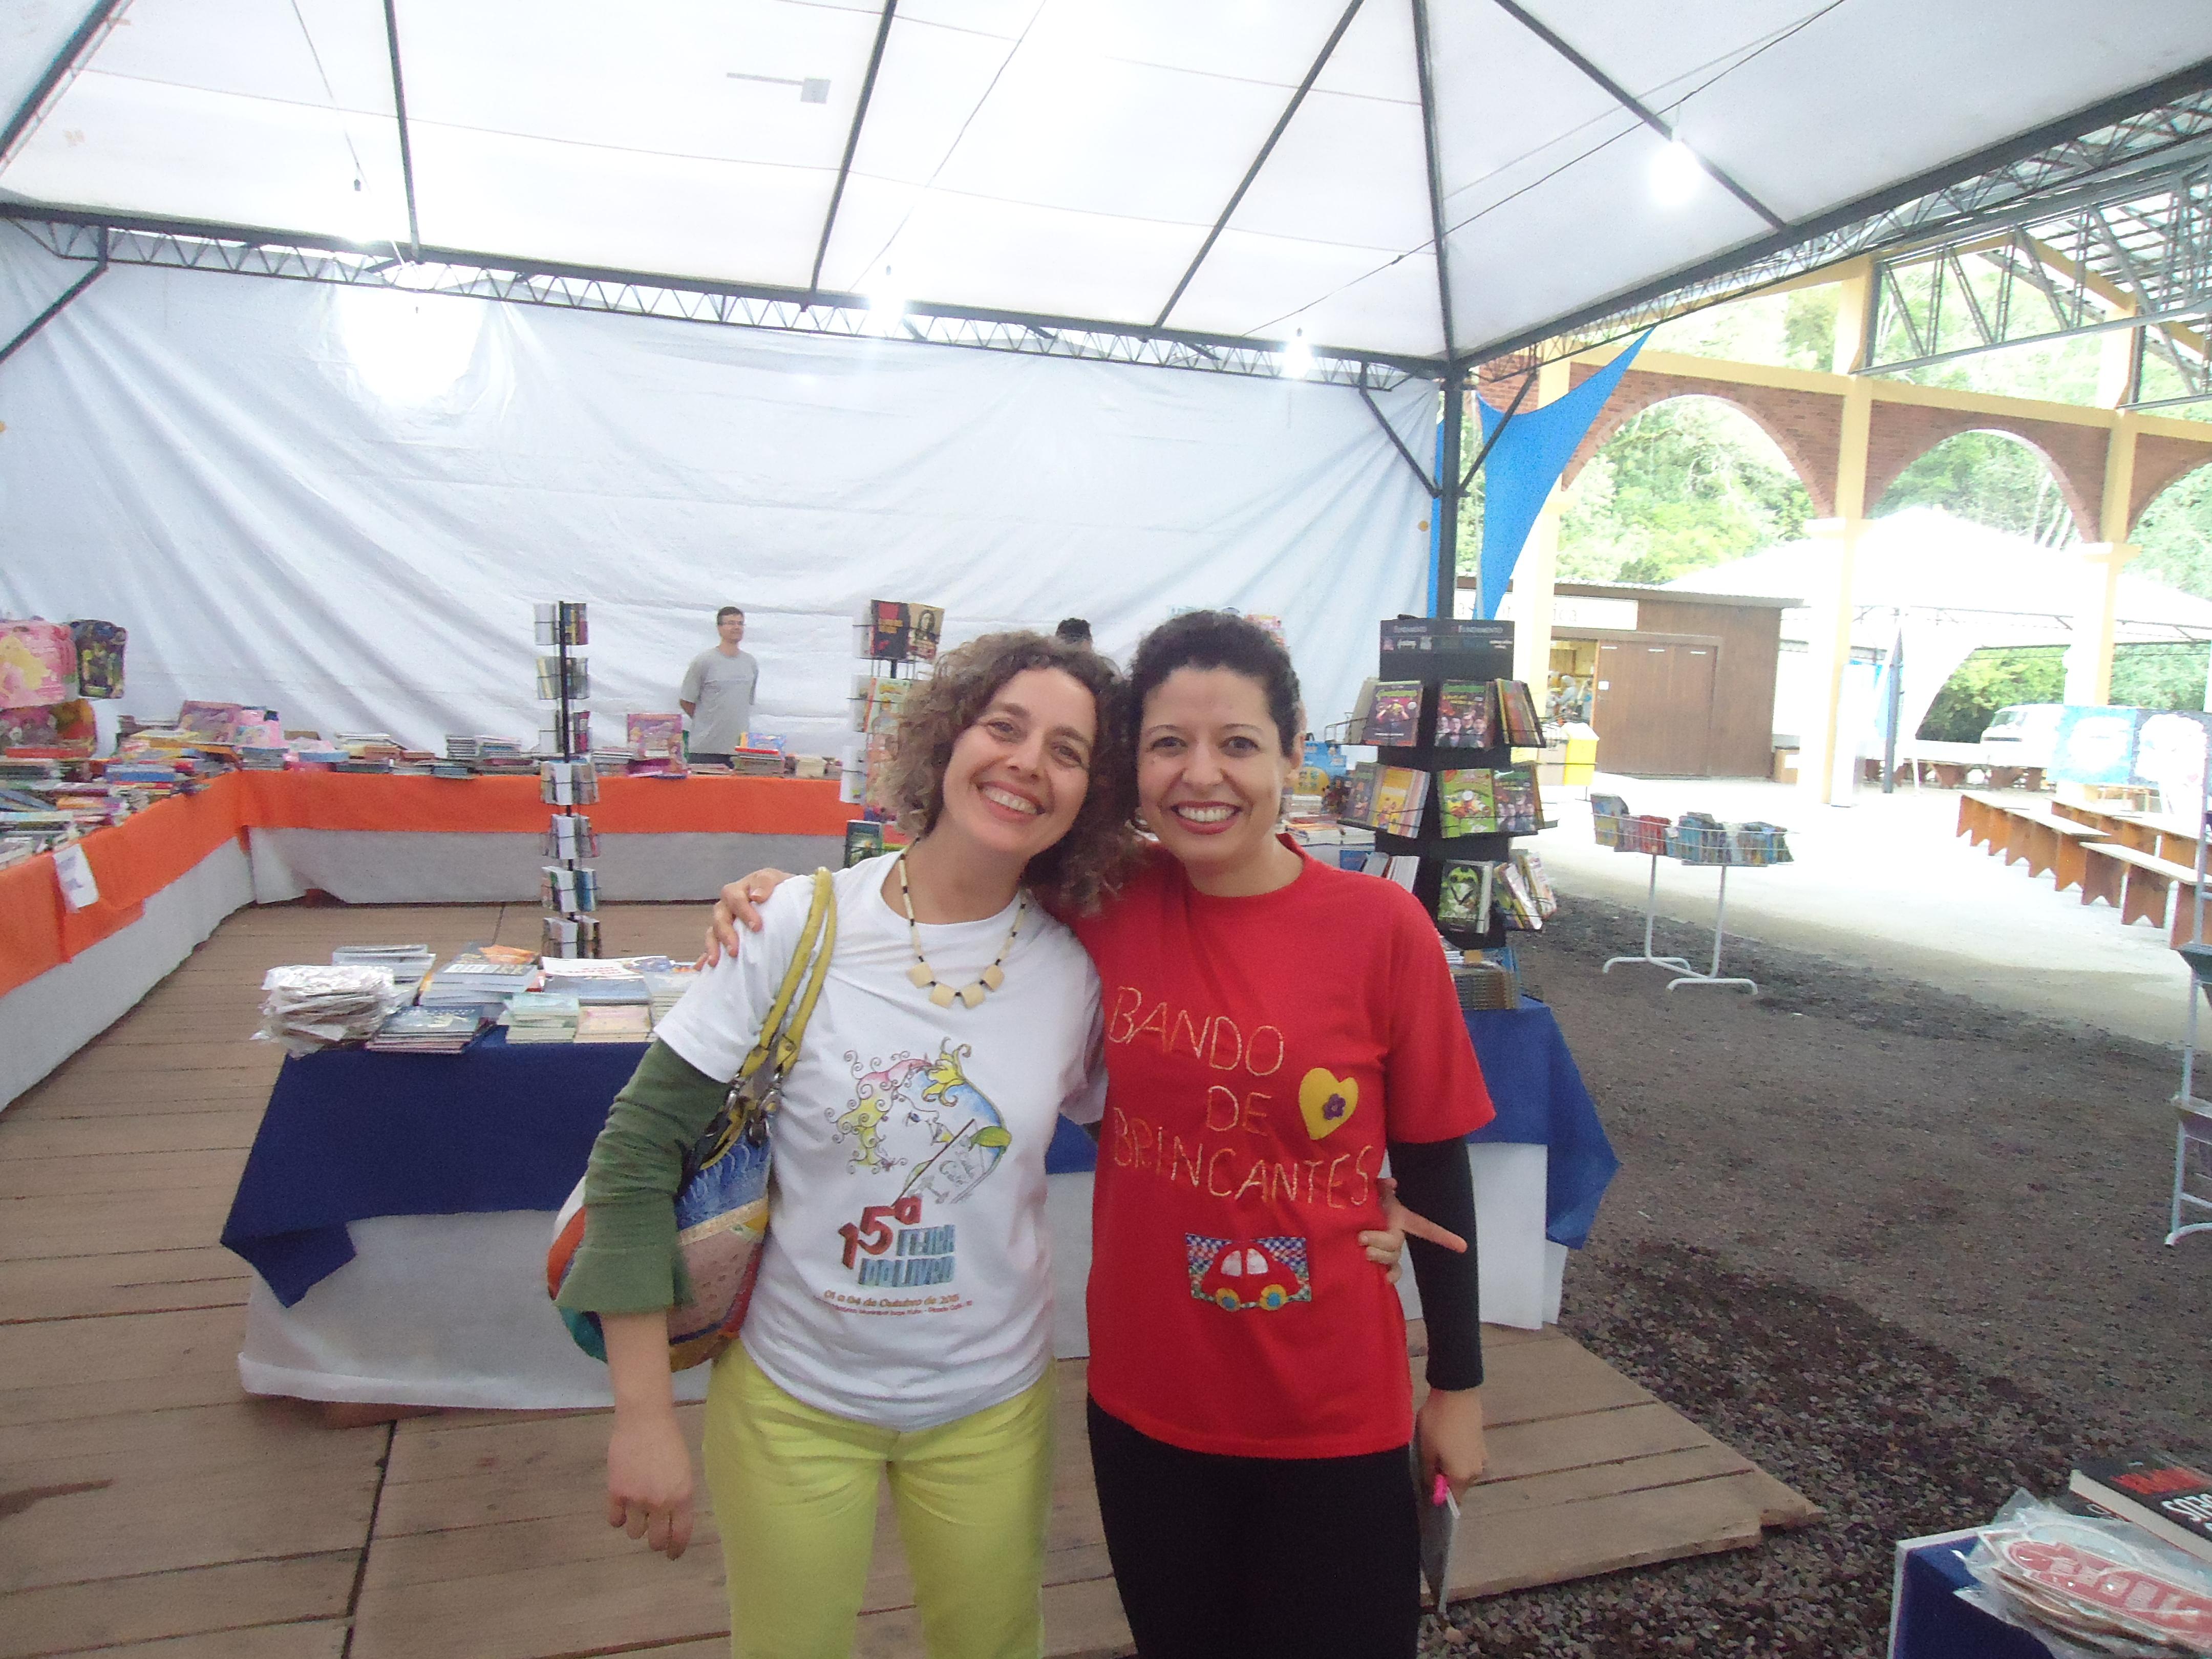 Bando__de_Brincantes_em_Picada_Café_2015